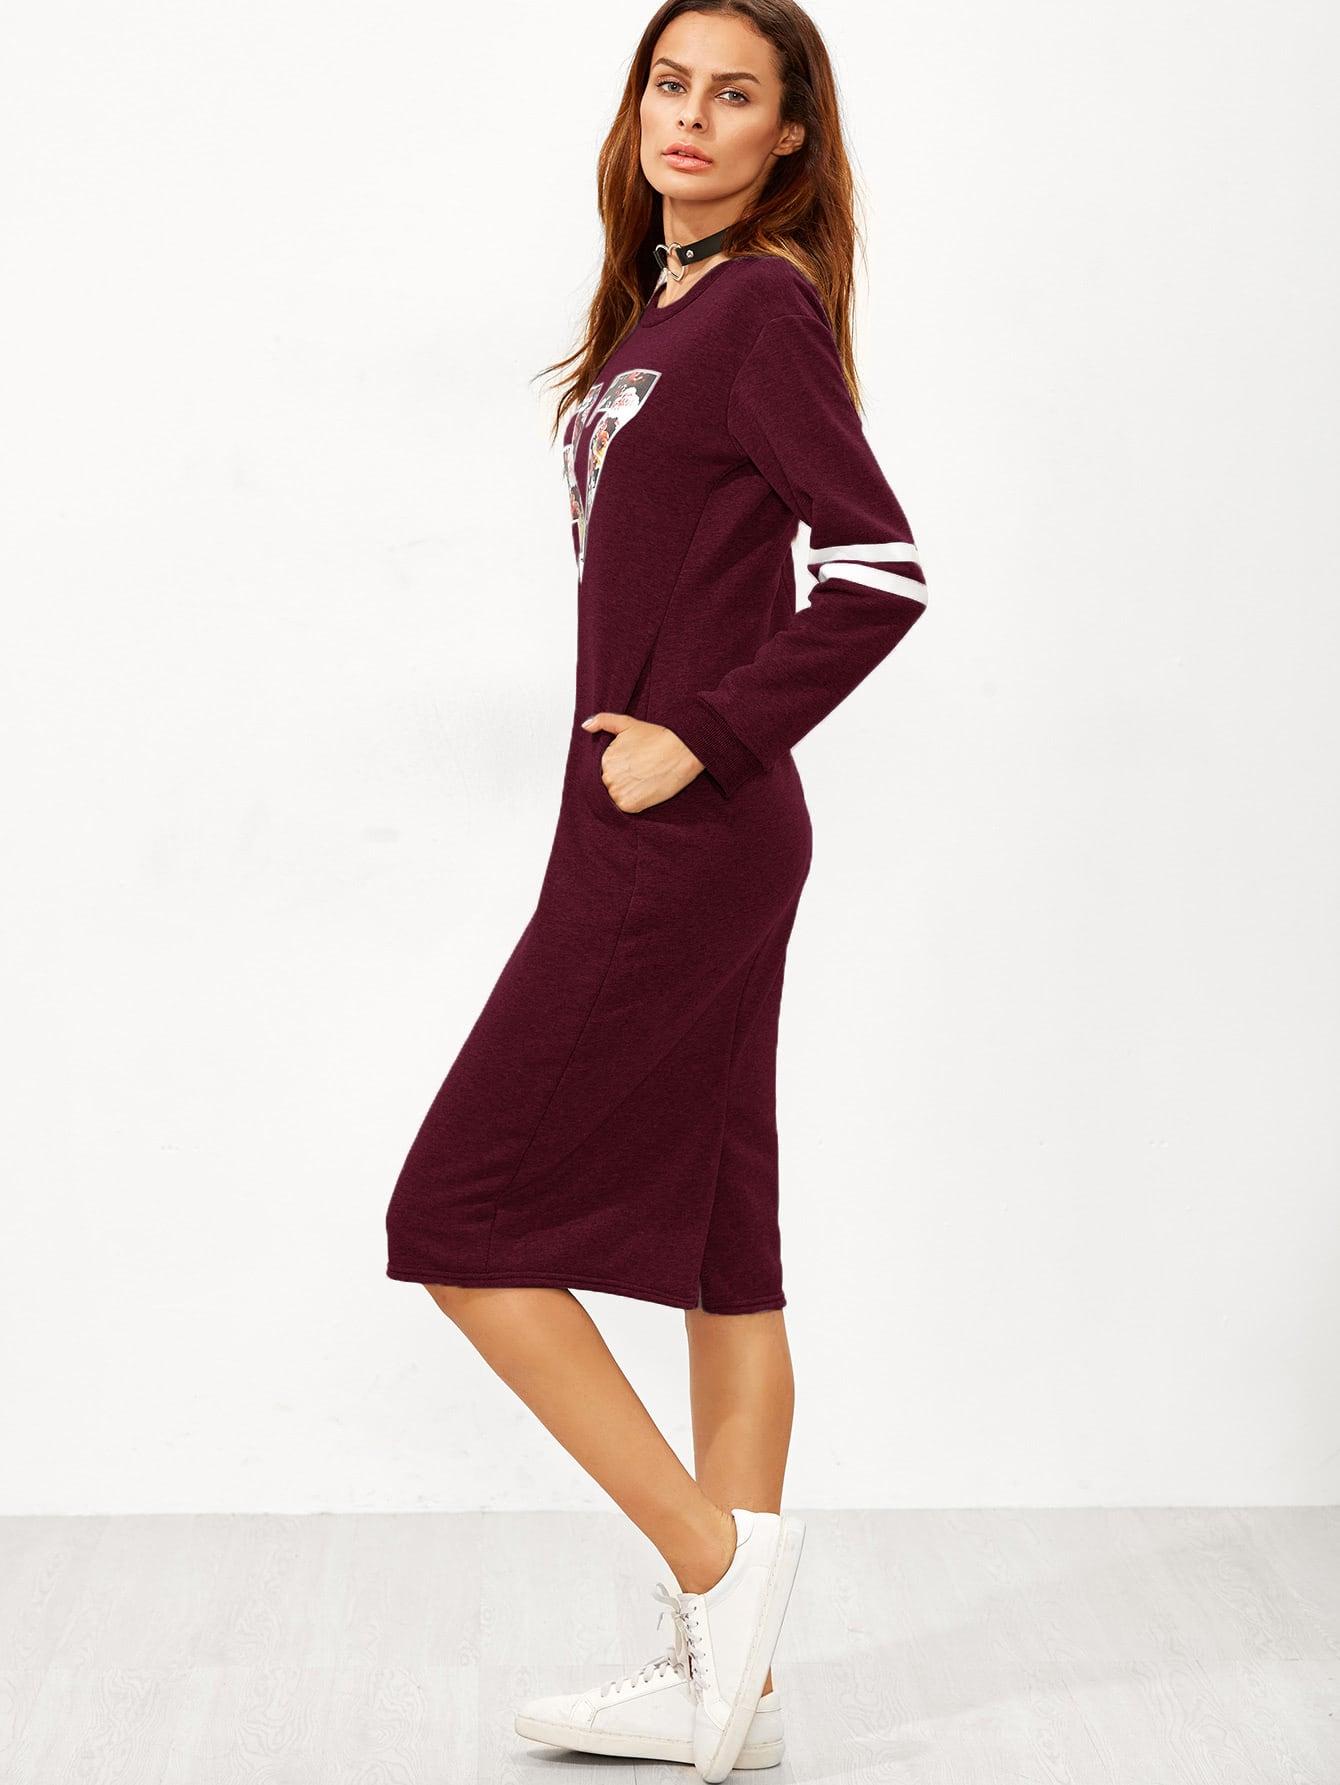 dress161107101_2